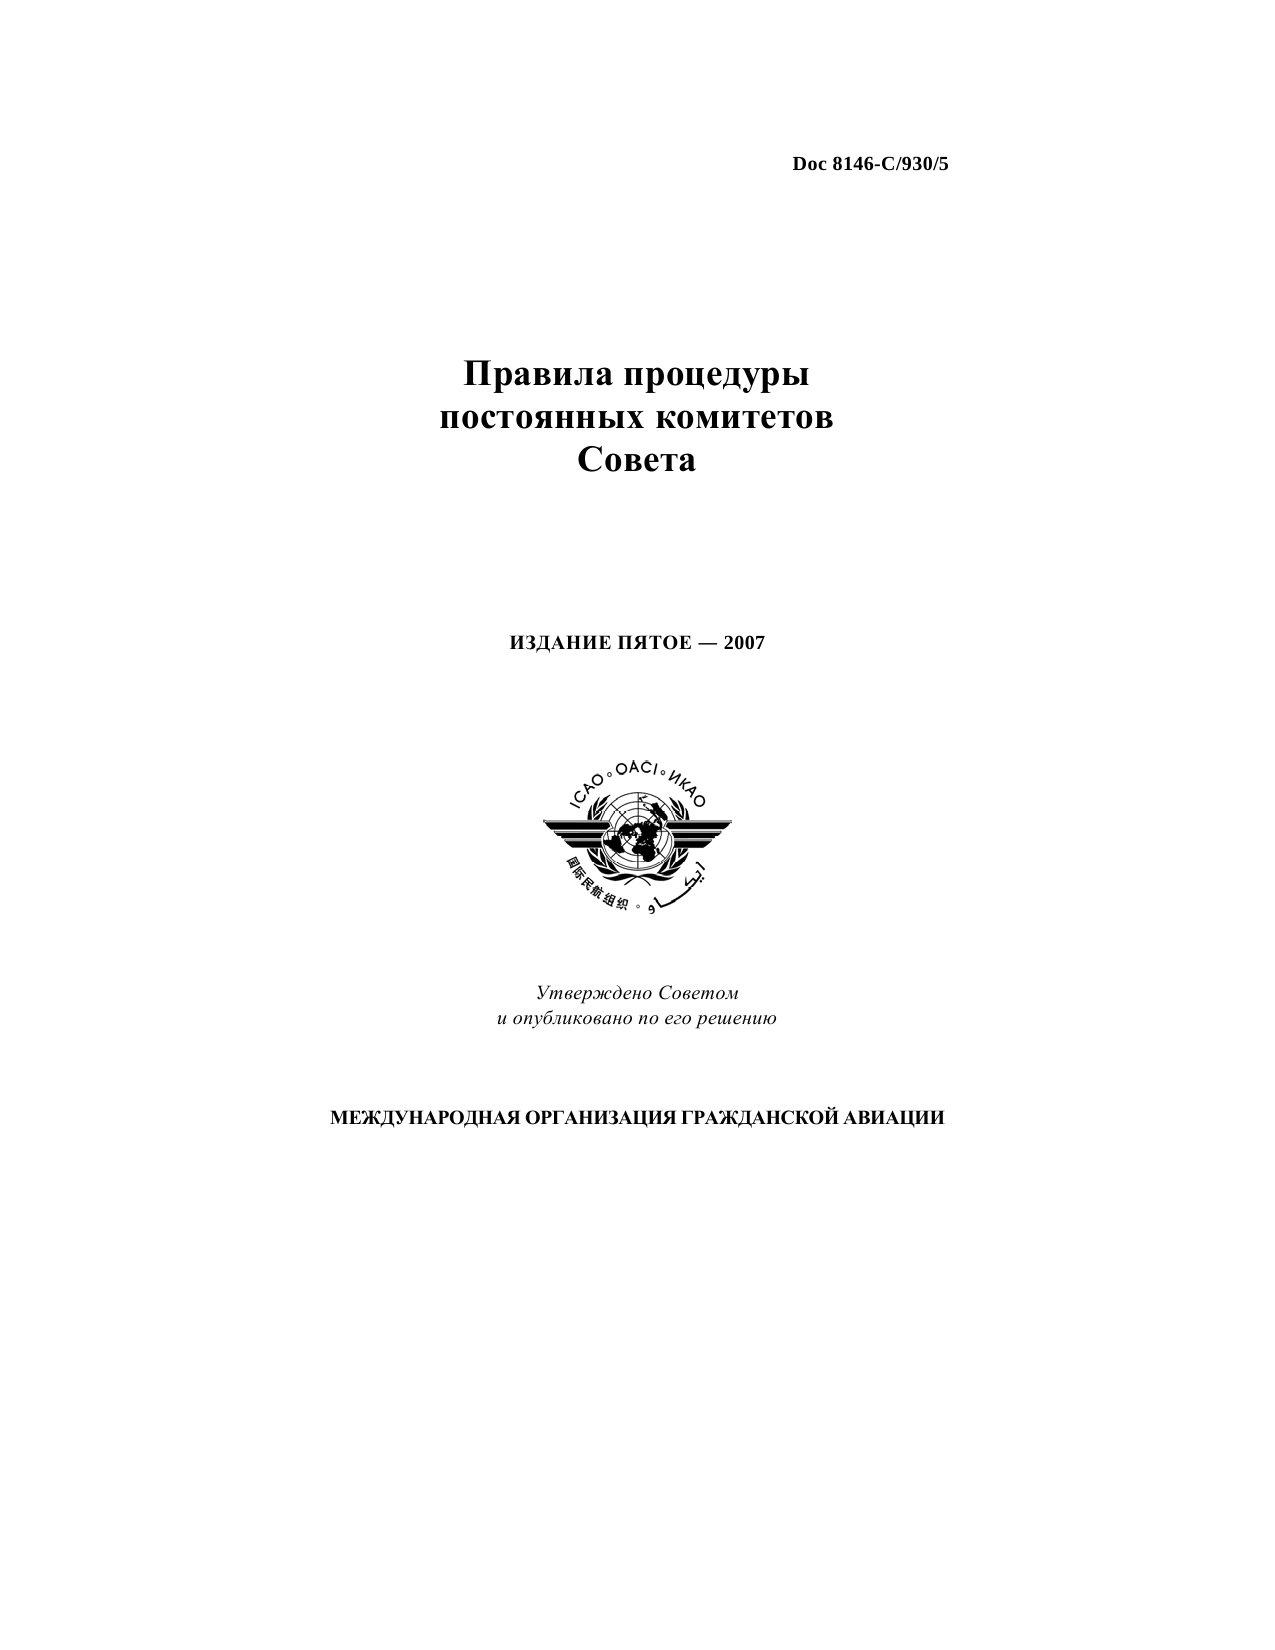 ICAO Doc 8146 Правила процедуры постоянных комитетов Совета